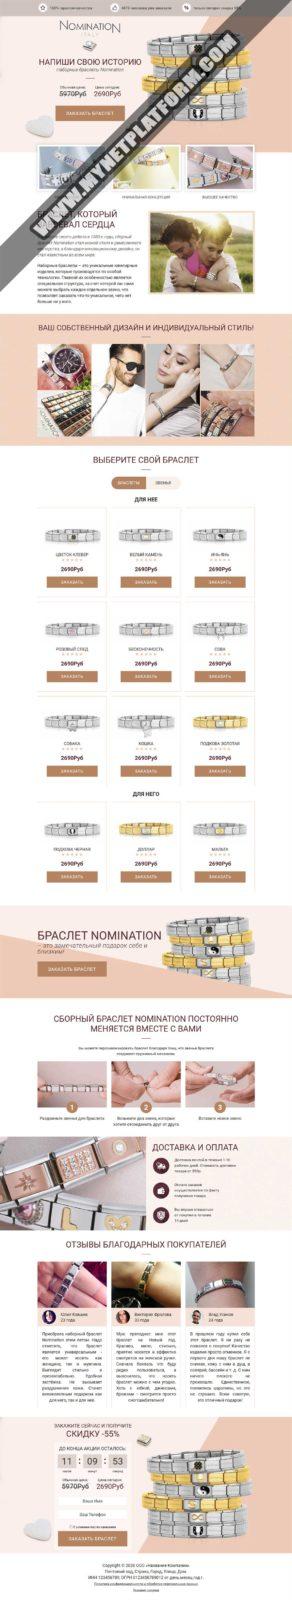 Скриншот готового лендинга Наборные браслеты Nomination 001